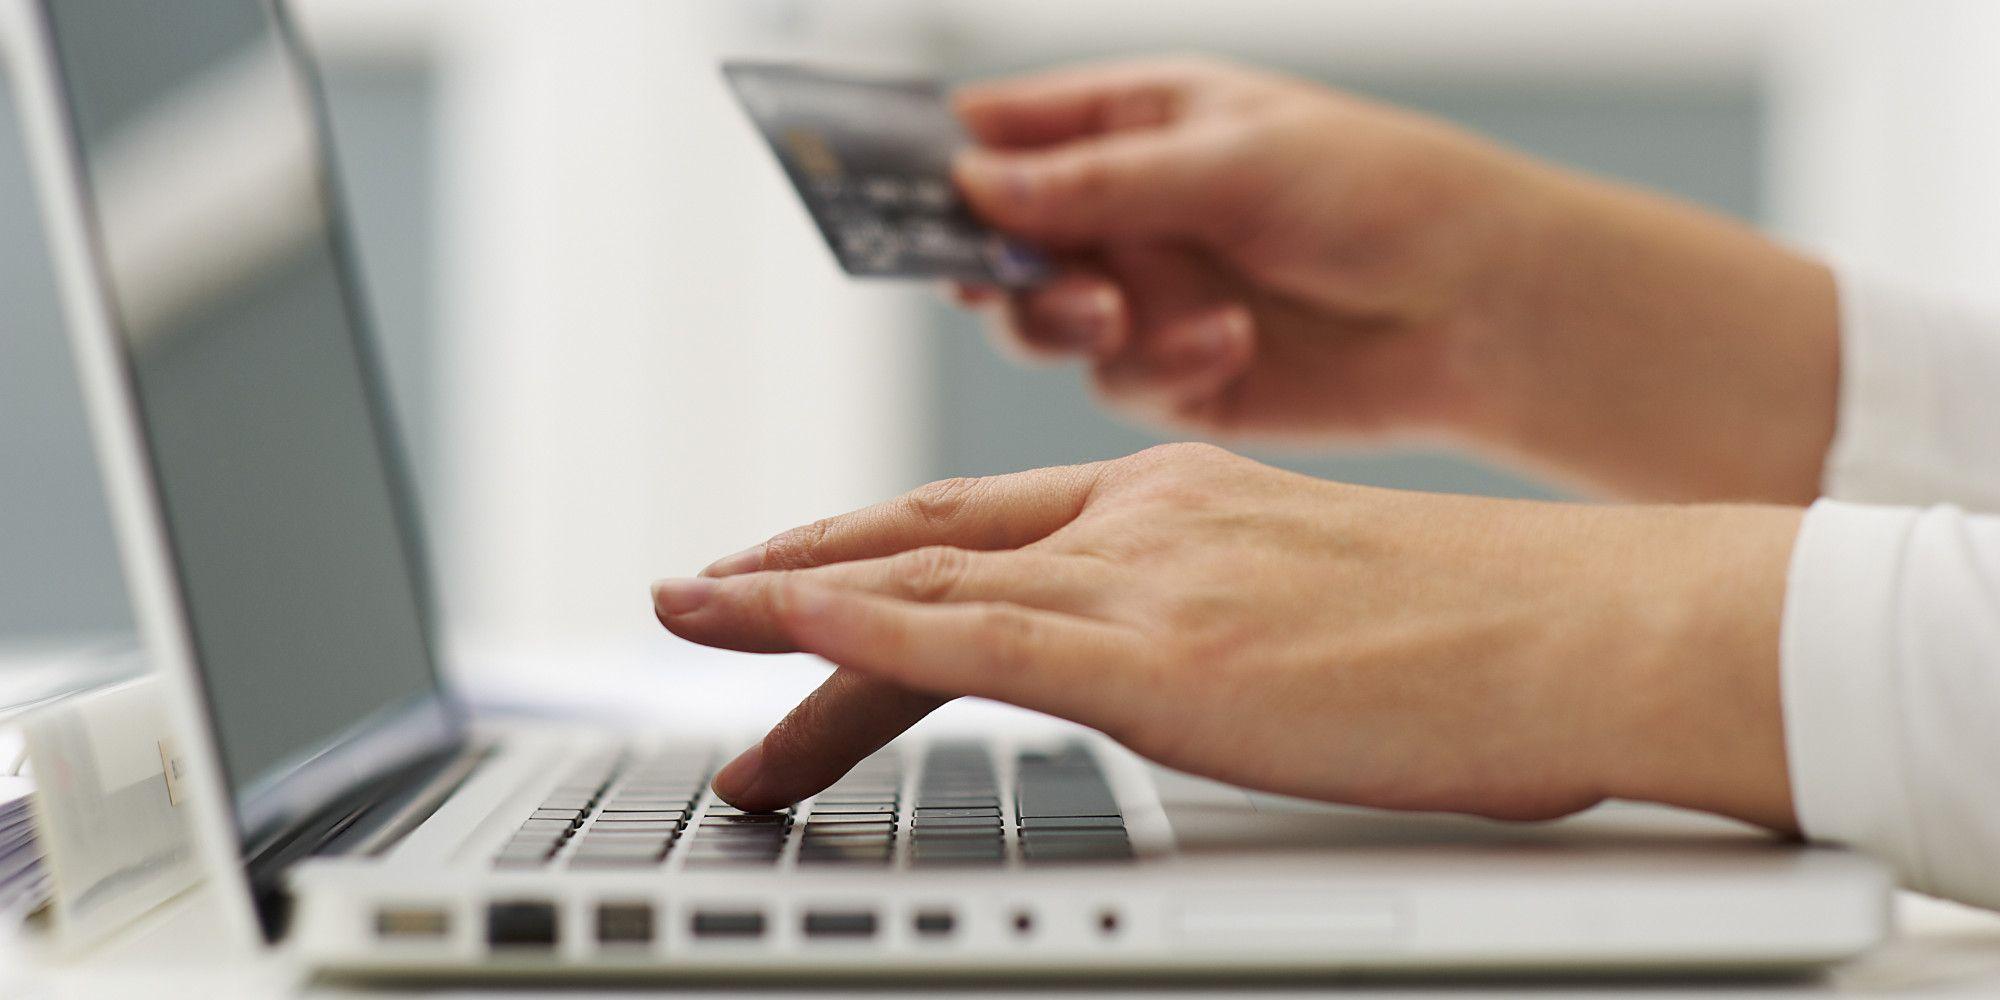 Un sitio trucho similar a MercadoLibre robaba datos